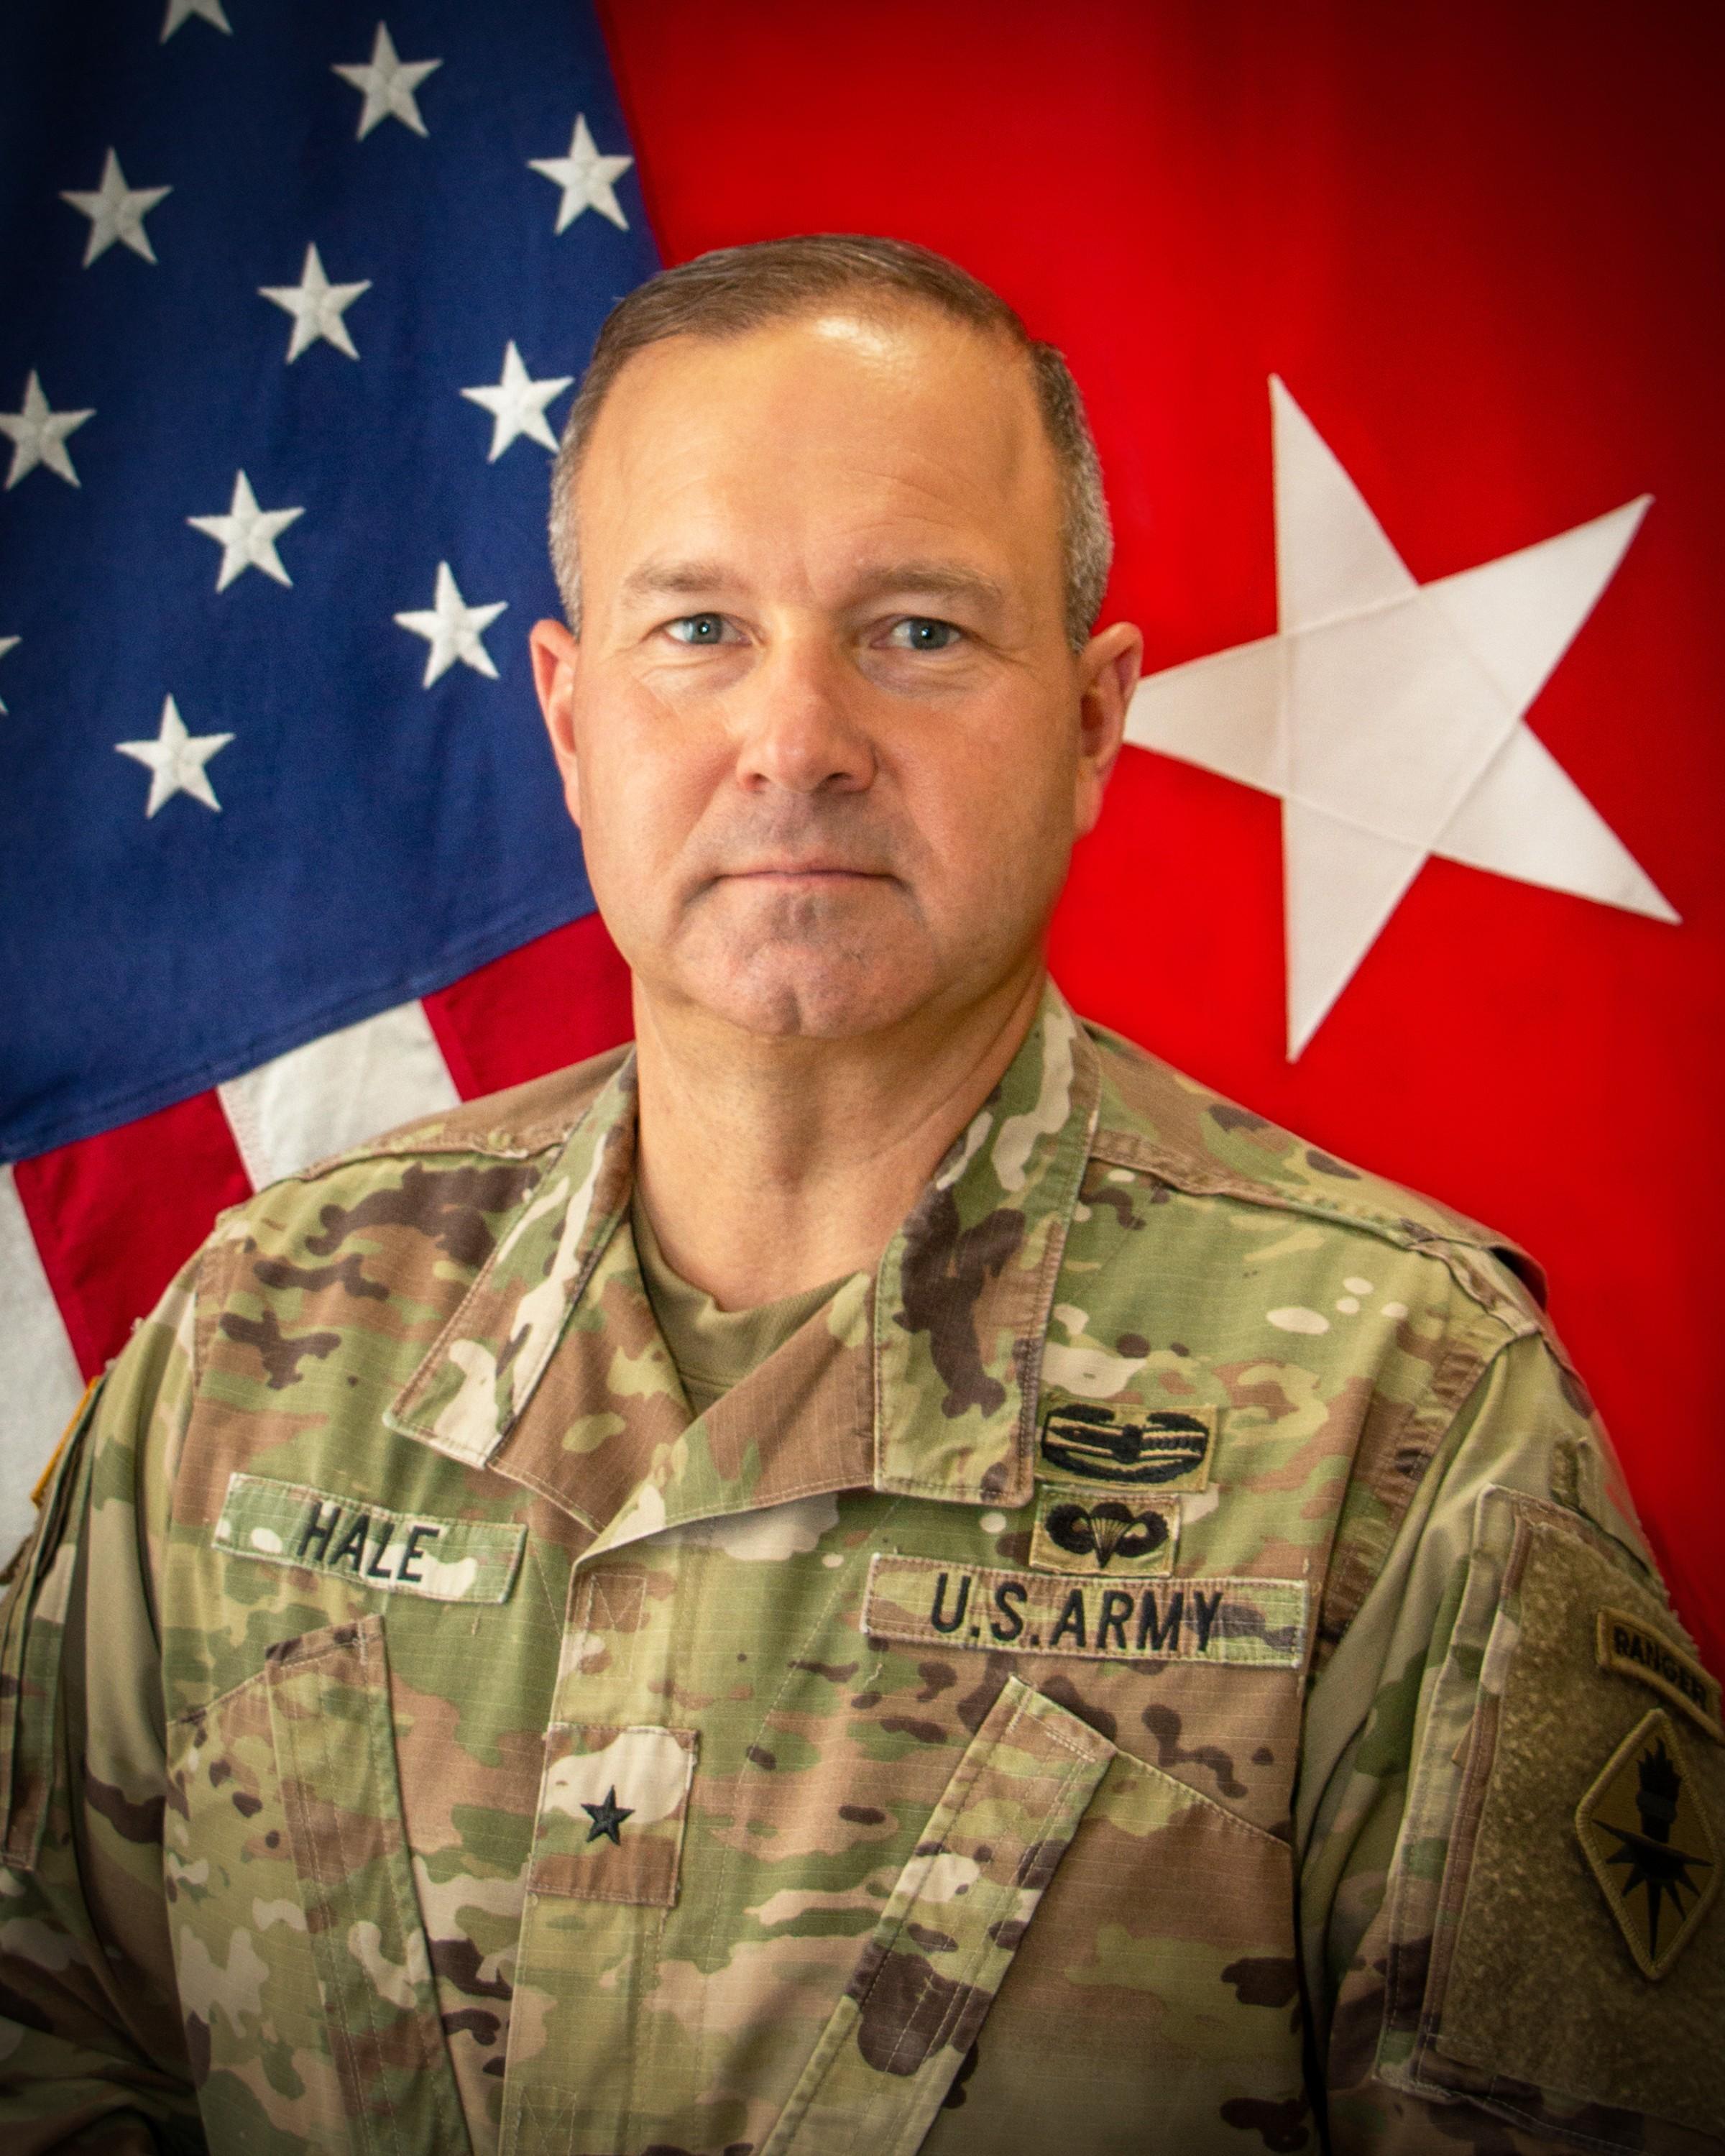 Brig. Gen. Anthony R. Hale